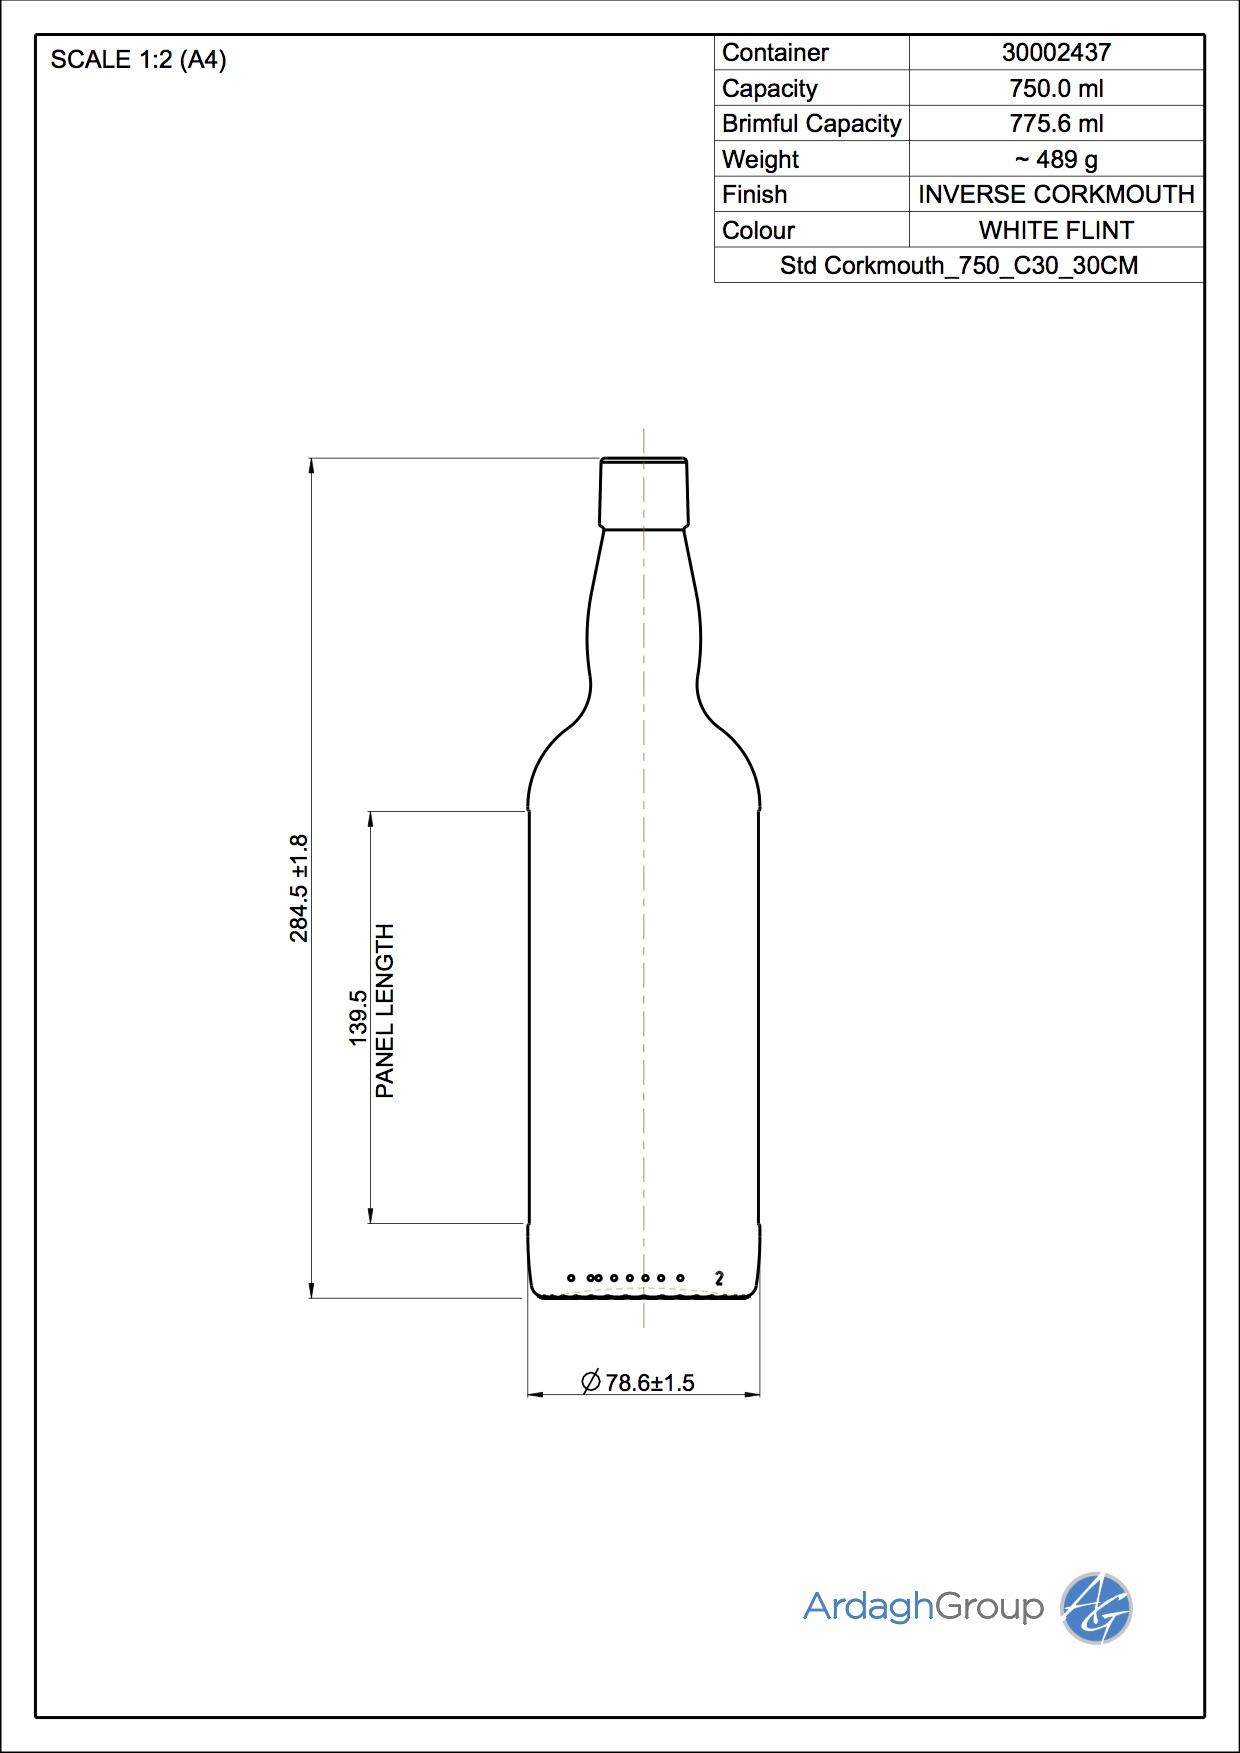 750ml flint glass Corkmouth spirit bottle